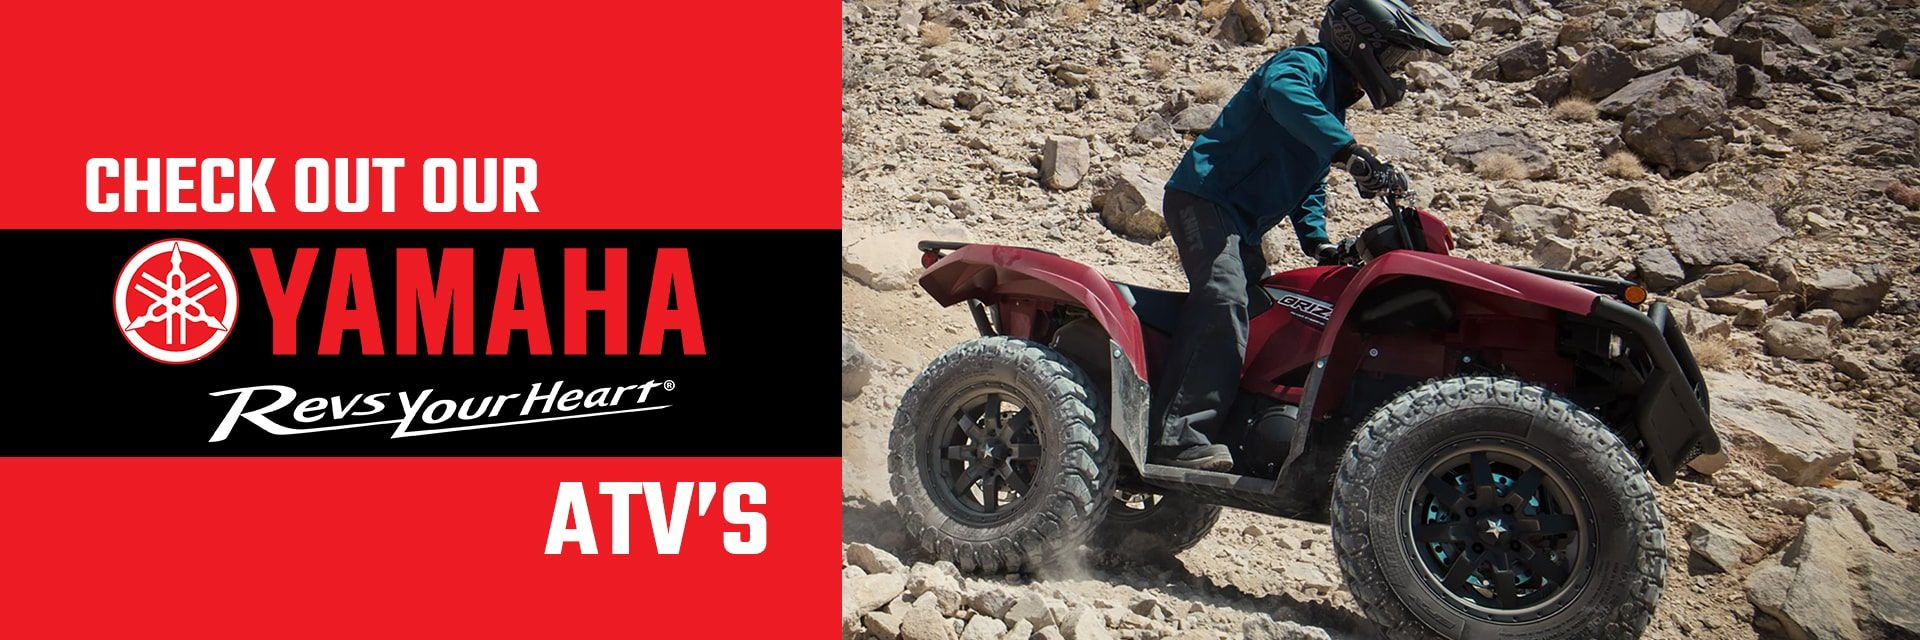 Yamaha ATVs